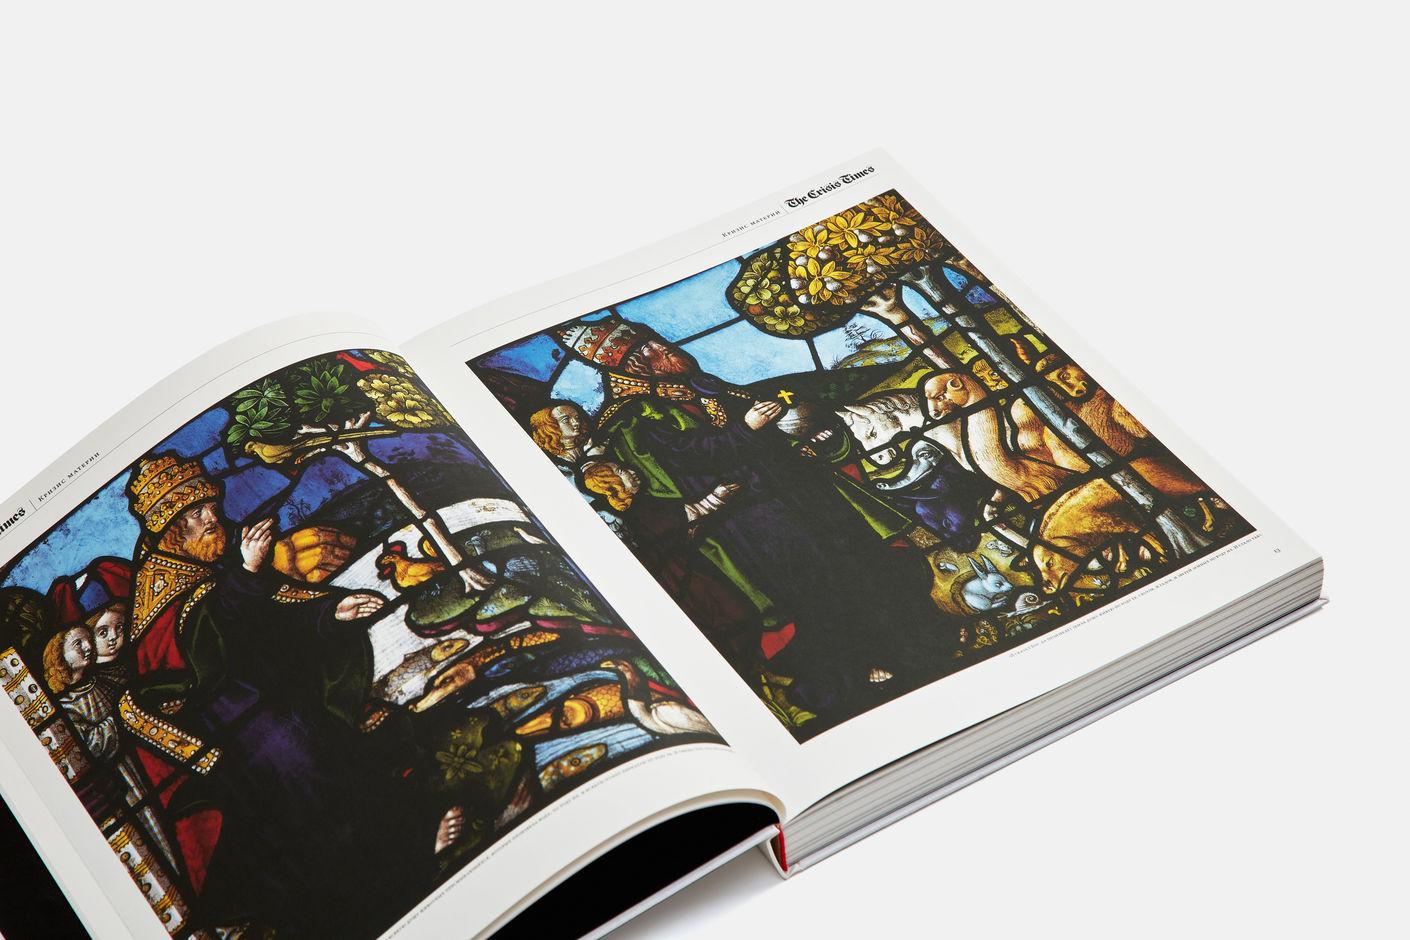 Подарочная книга The Crisis Times  2010, Агей Томеш, Лаборатория дизайна НИУ ВШЭ